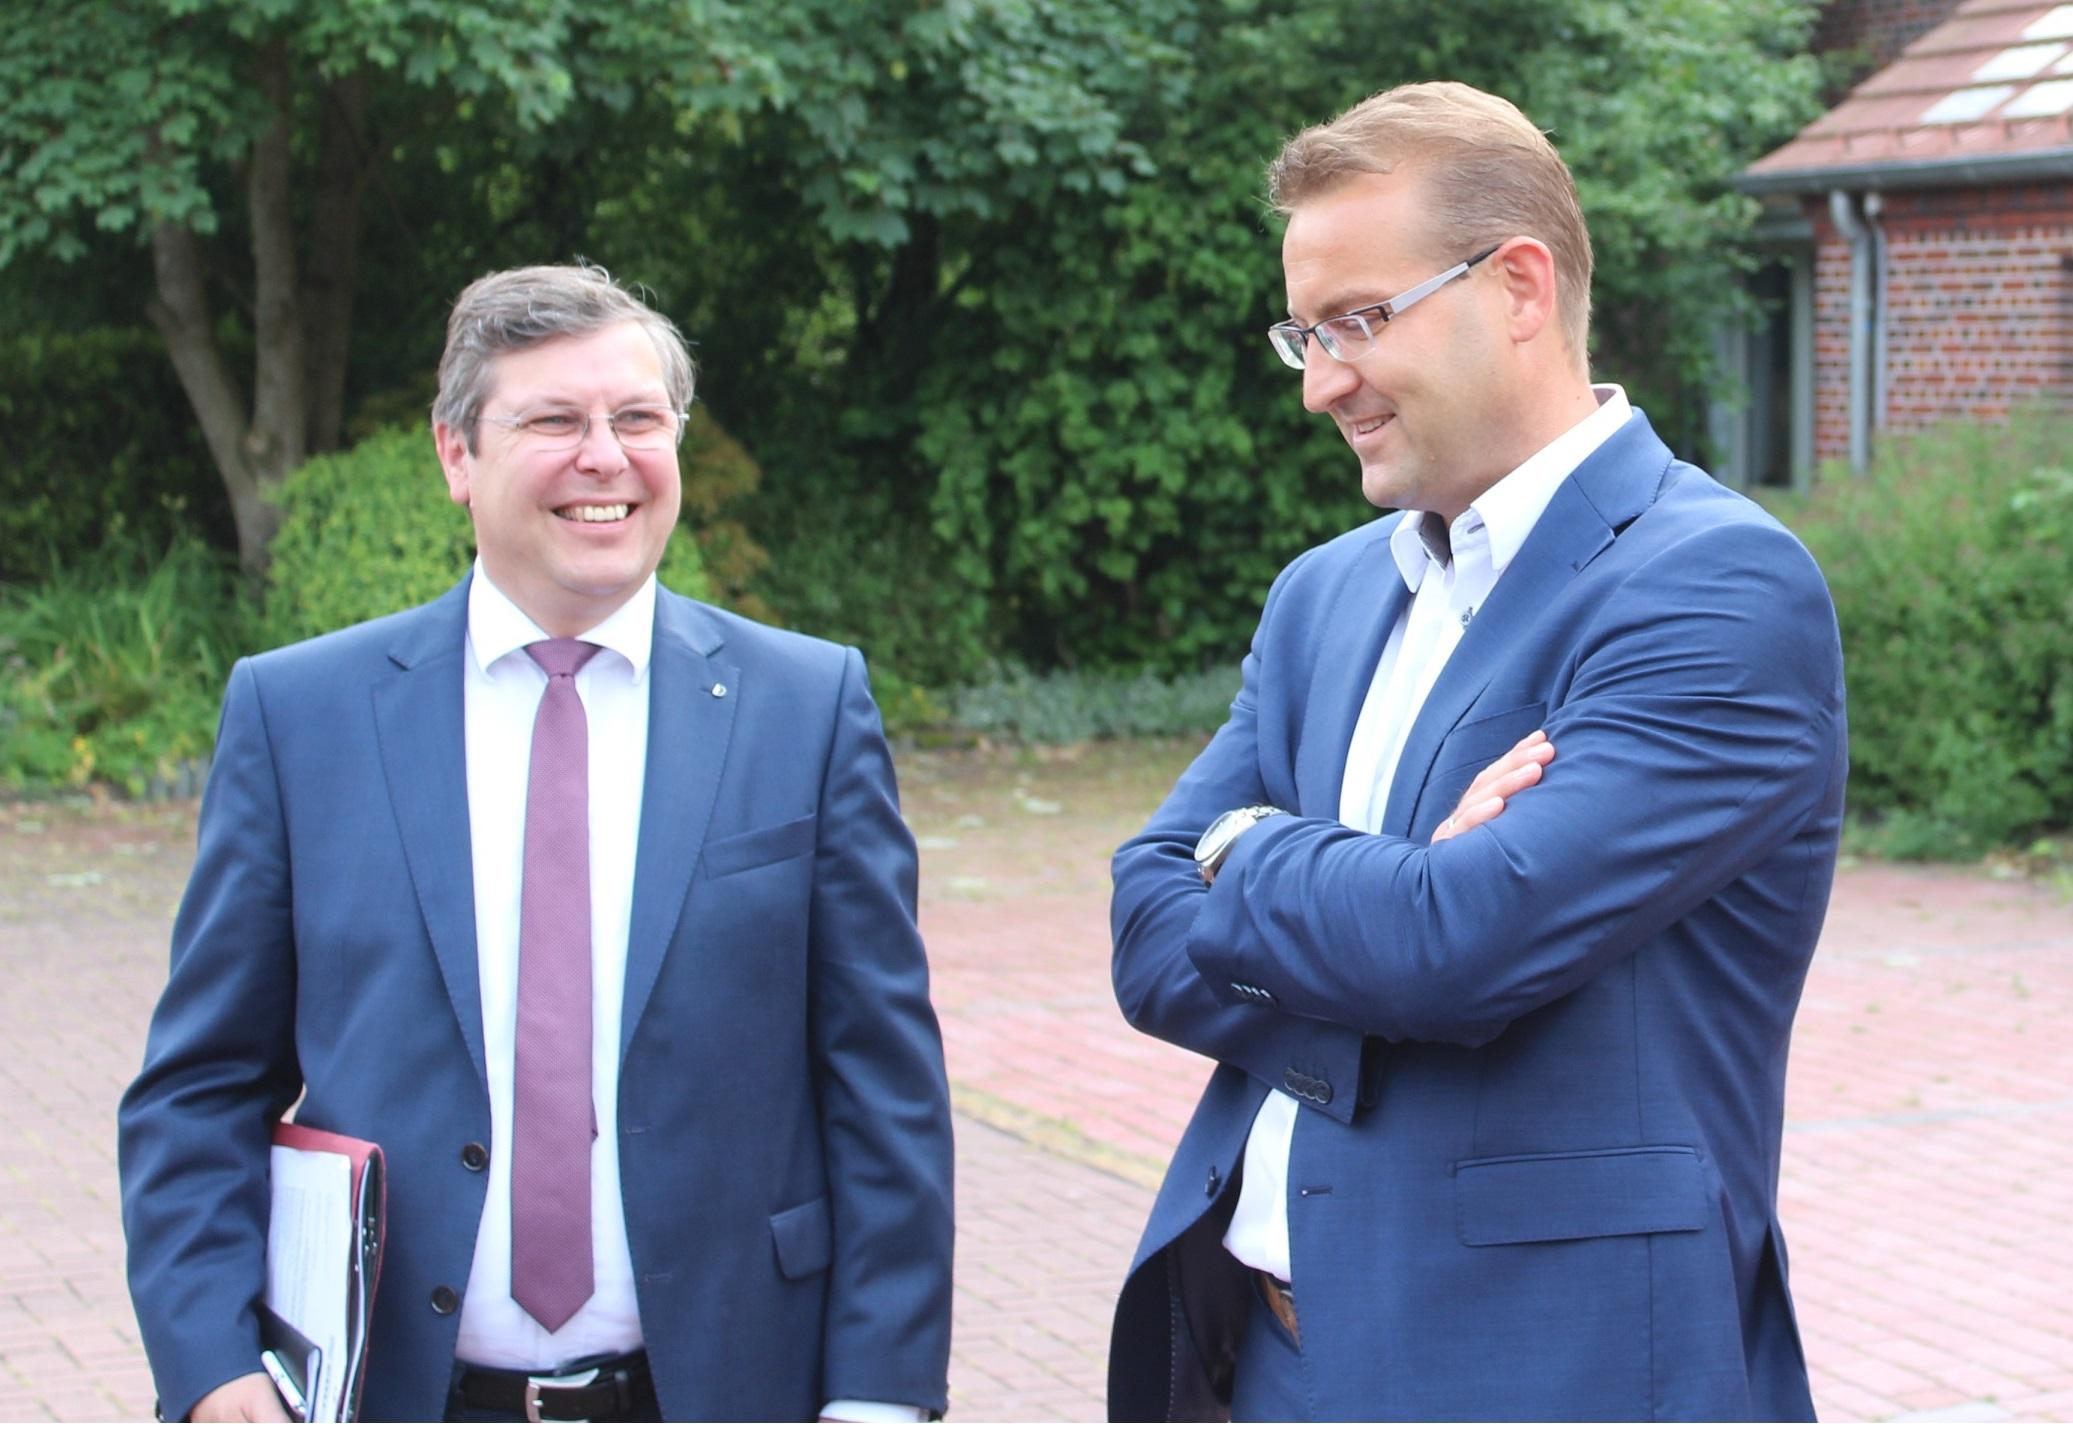 Sven Behrens (rechts) kandidiert am 3.11. in Wittmund für die Nachfolge von Reinhard Hegewald als CDU-Bezirksvorsitzender (Archivfoto CDU BV/rj